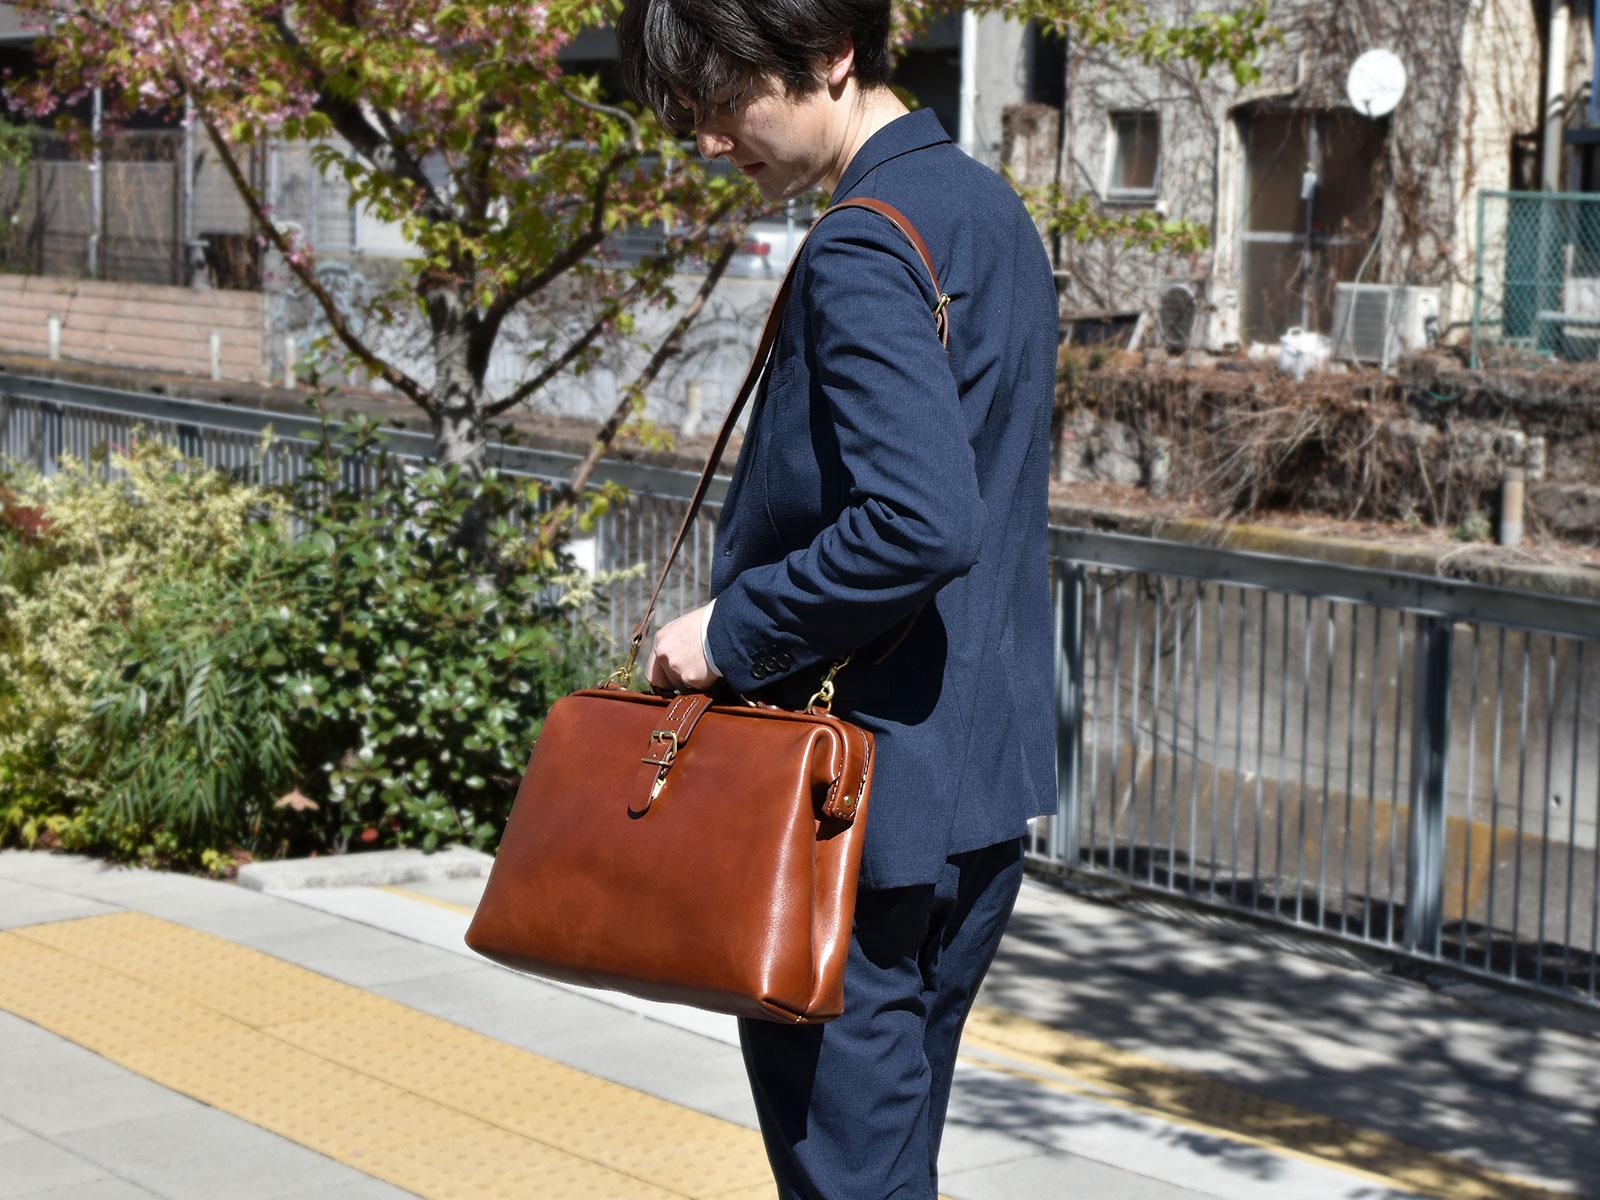 春の新生活に!通勤・通学におすすめのビジネスバッグ